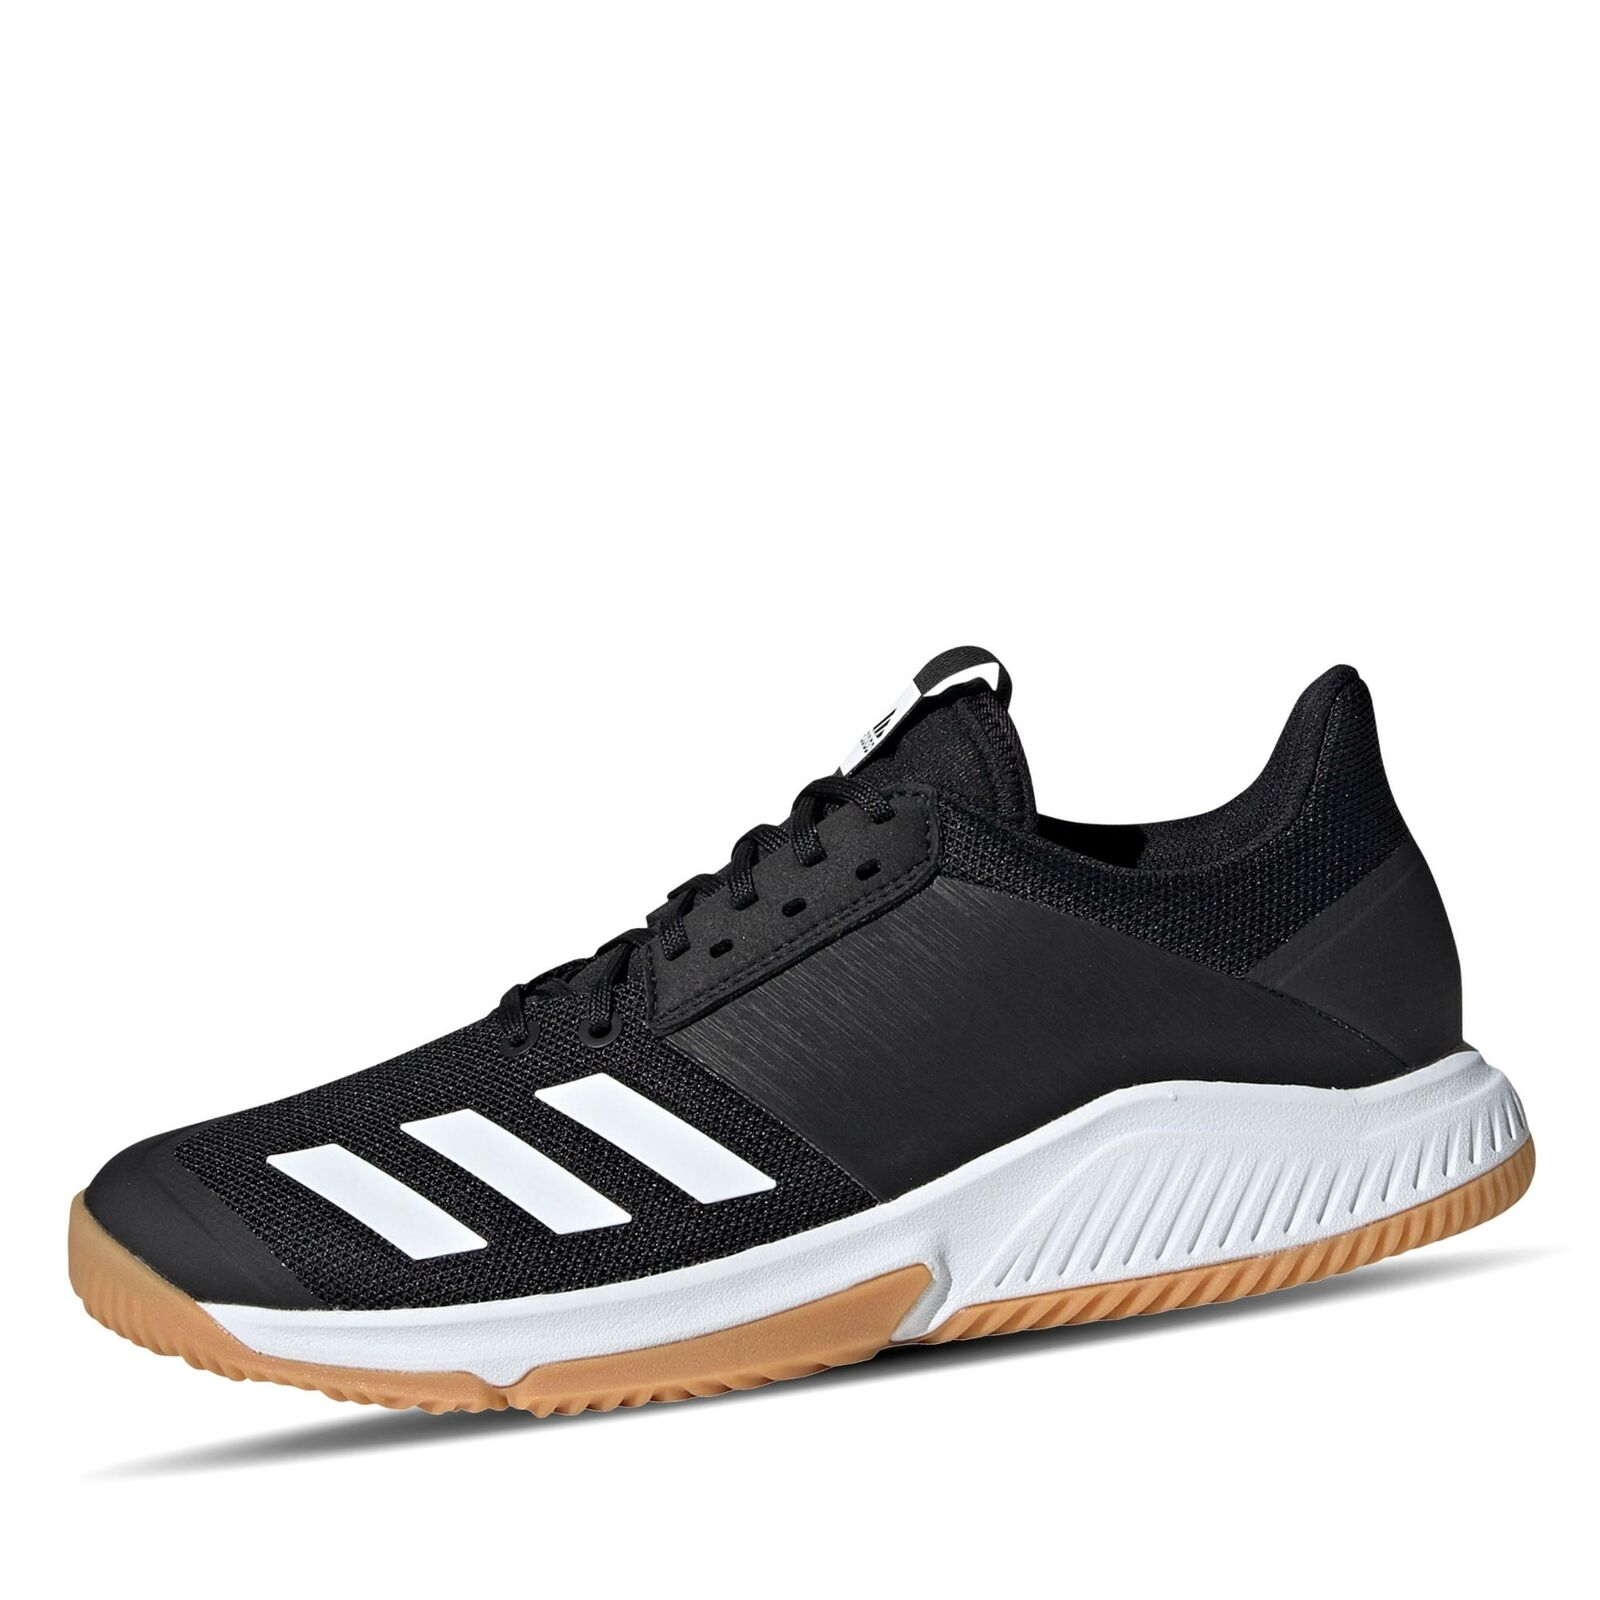 Adidas Crazyflight Team Damen Sportschuh Hallenschuh Fitness Schuh schwarz weiß